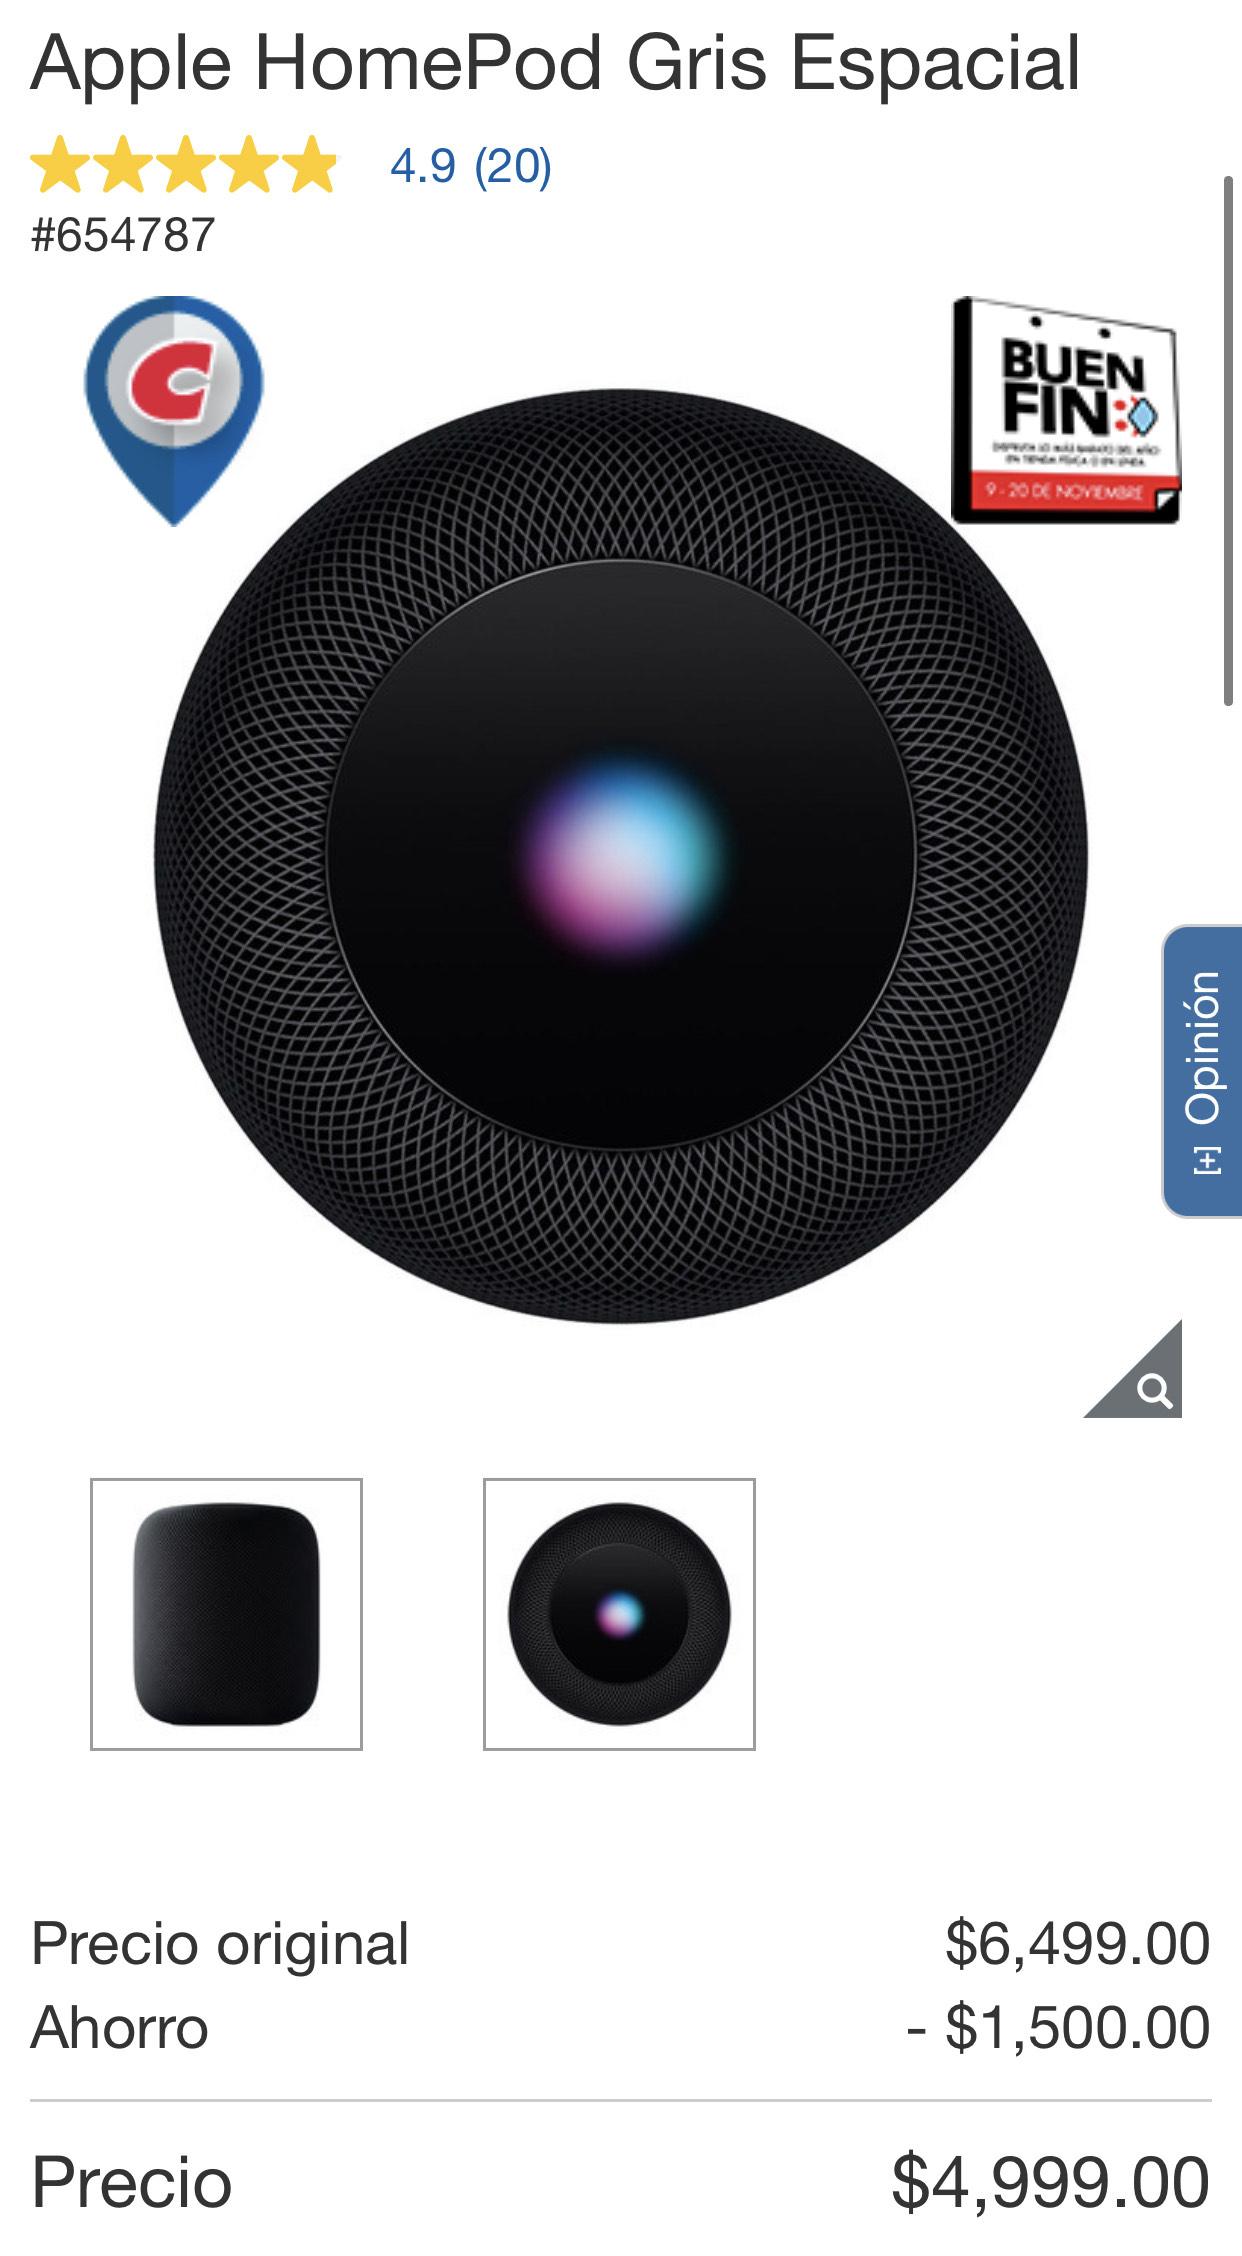 Costco - Apple HomePod en 4500 con Citibanamex